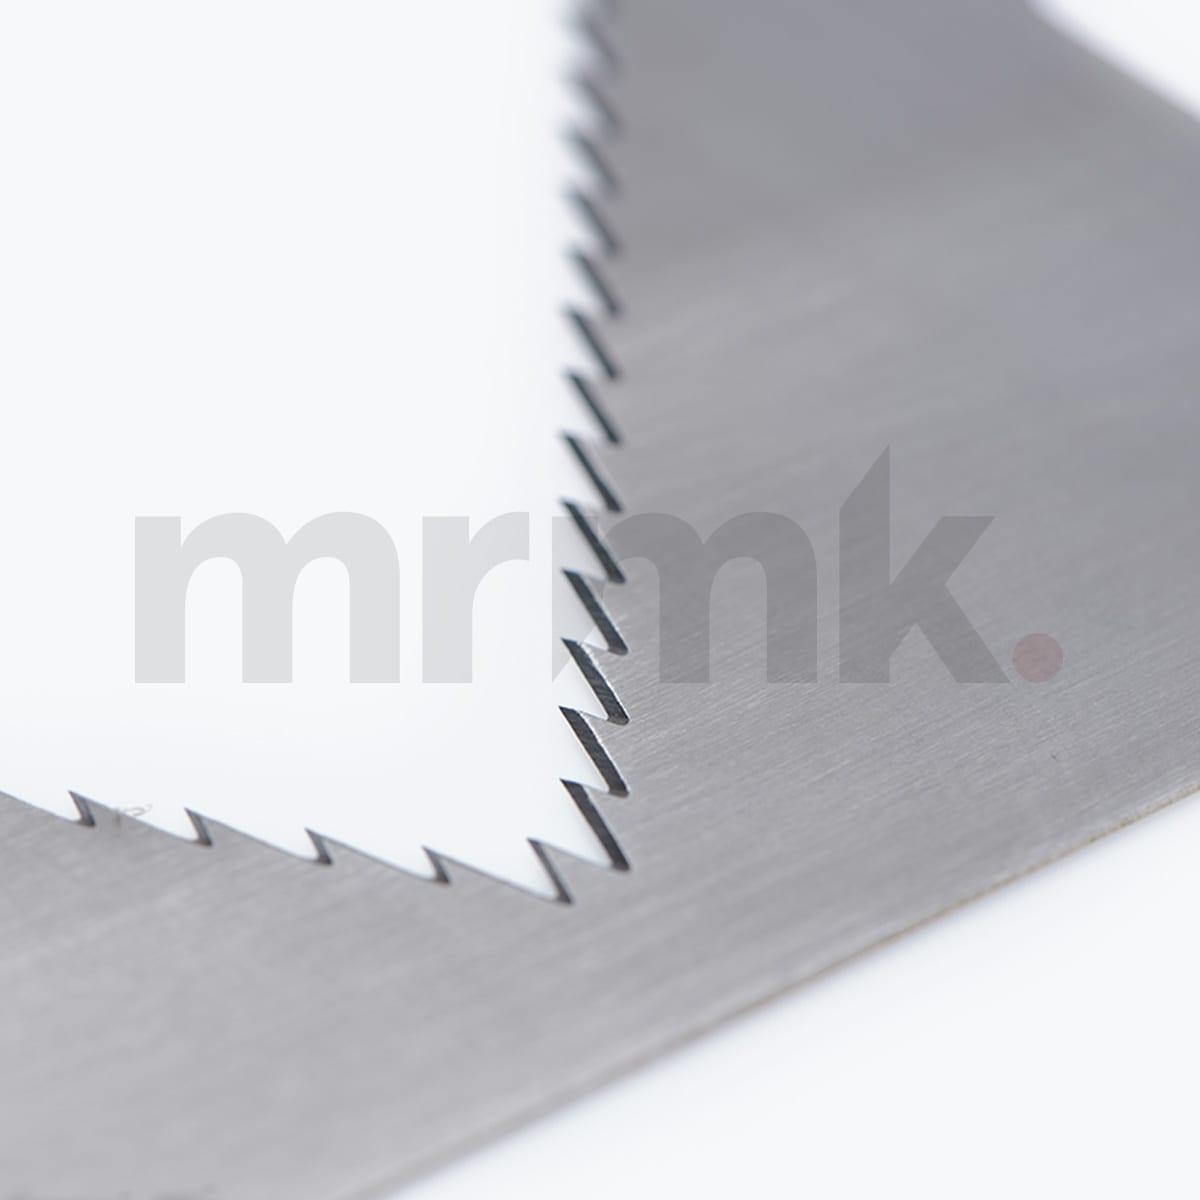 Kronen Cutter Compatible Blade Close Up